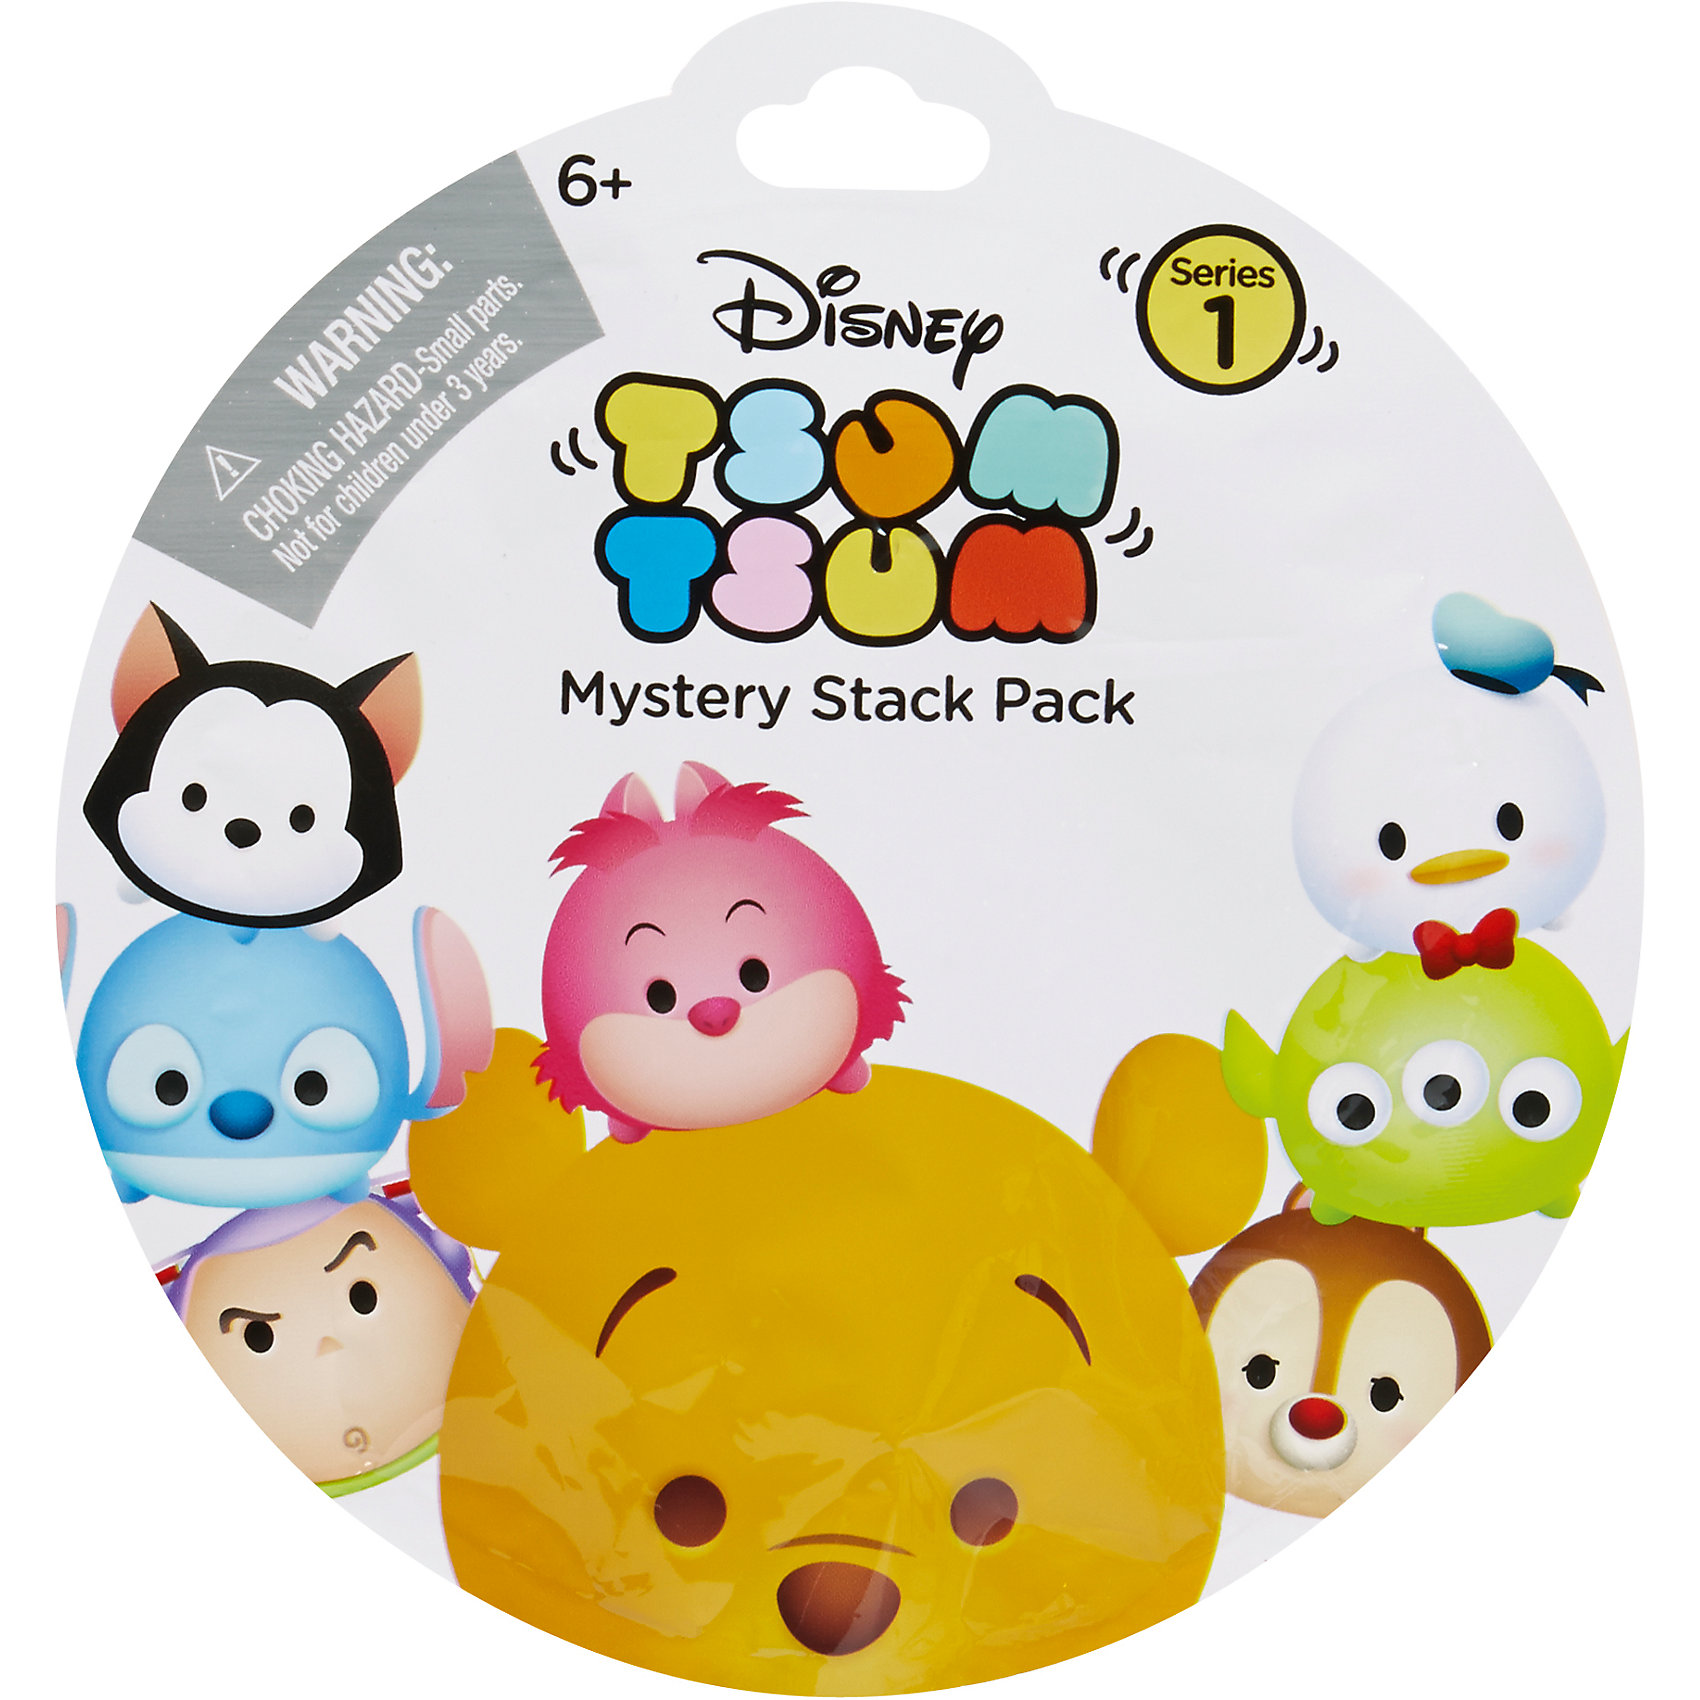 Фигурка коллекционная Tsum TsumКоллекционные и игровые фигурки<br>Новейшие коллекционные игрушки серии Tsum Tsum. Каждая игрушка своего размера, их можно сажать на спинки друг друга. Каждая фигурка изображает любимых детских персонажей из мультфильмов. В наборах можно найти: котенка Фигаро, Гуфи, Винни-Пух, Пятачка, Дональда Дака, киску Мари, Ститча, Микки Мауса, Золушку, слоненка Дамбо, ослика Иа, Чеширского кота, снеговика Олафа и многих других. <br><br>Дополнительная информация:<br><br>- Возраст: от 3 лет.<br>- Материал: пластик.<br>- В наборе 1 игрушка.<br>- Размер упаковки: 10х3х14 см.<br><br>Купить коллекционную фигурку Tsum Tsum, в ассортименте, можно в нашем магазине.<br><br>Ширина мм: 60<br>Глубина мм: 30<br>Высота мм: 60<br>Вес г: 55<br>Возраст от месяцев: 72<br>Возраст до месяцев: 144<br>Пол: Унисекс<br>Возраст: Детский<br>SKU: 4929094